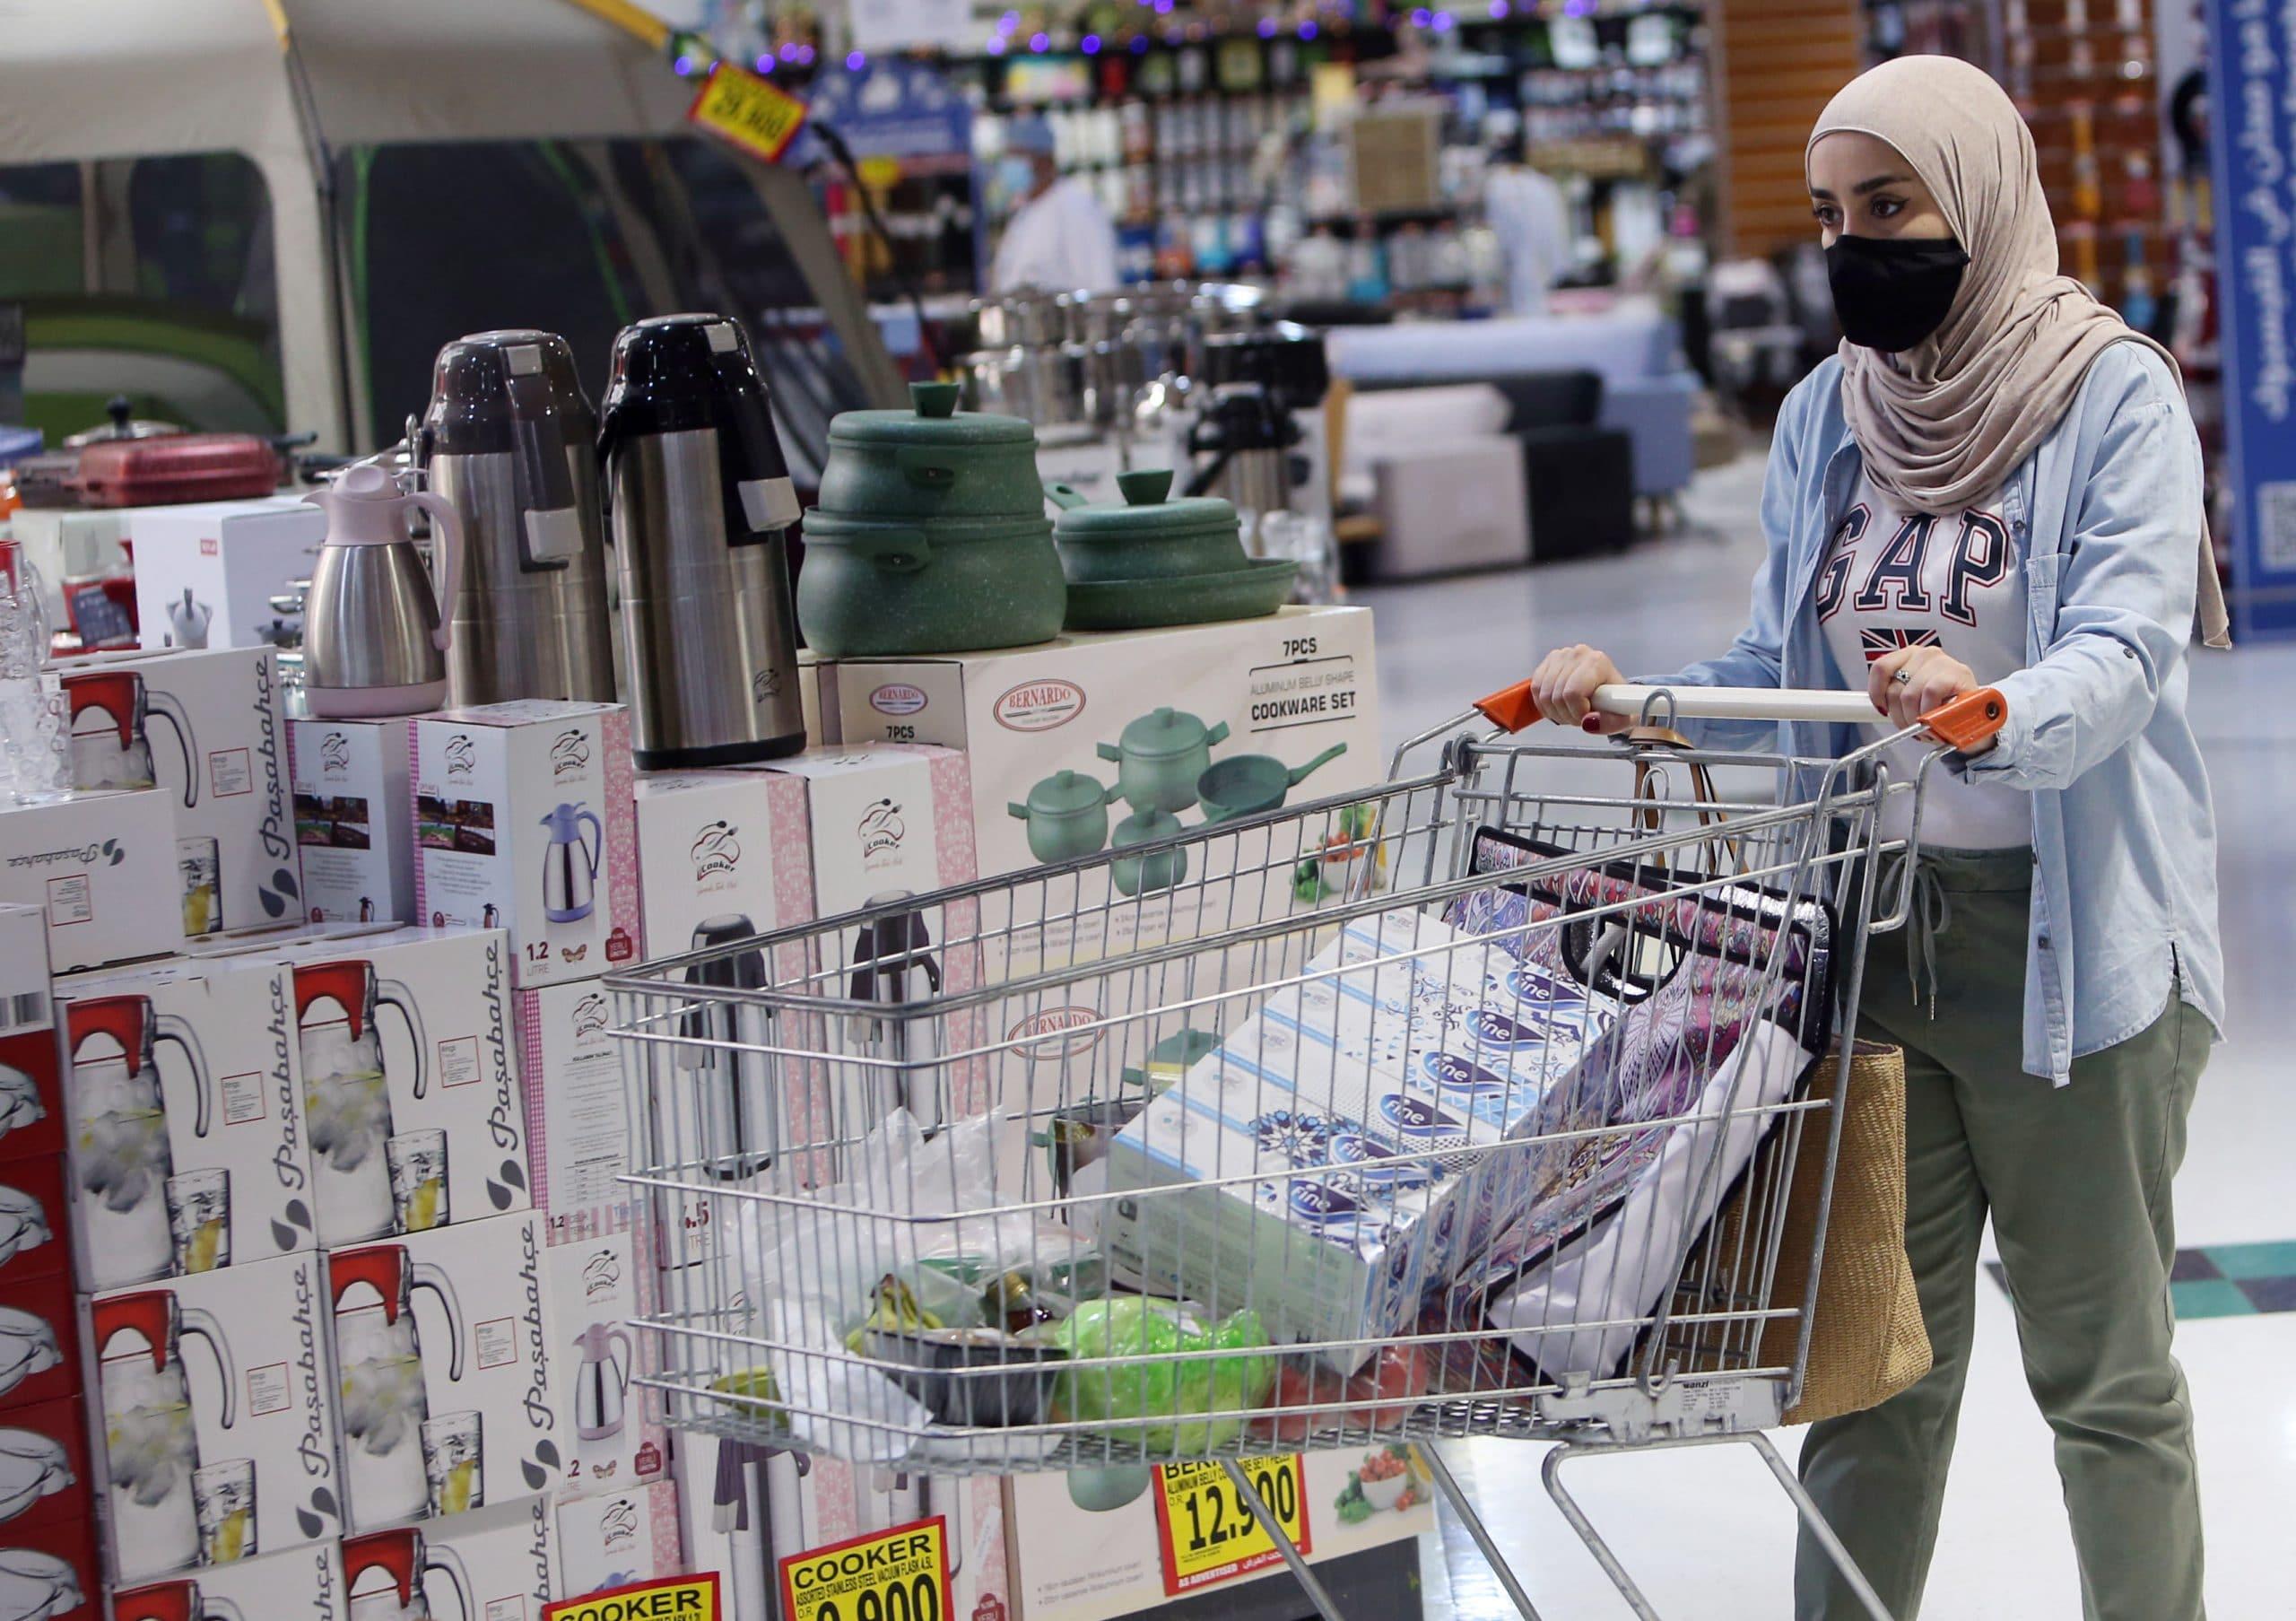 اللجنة العليا في سلطنة عمان تتخذ قرارات جديدة